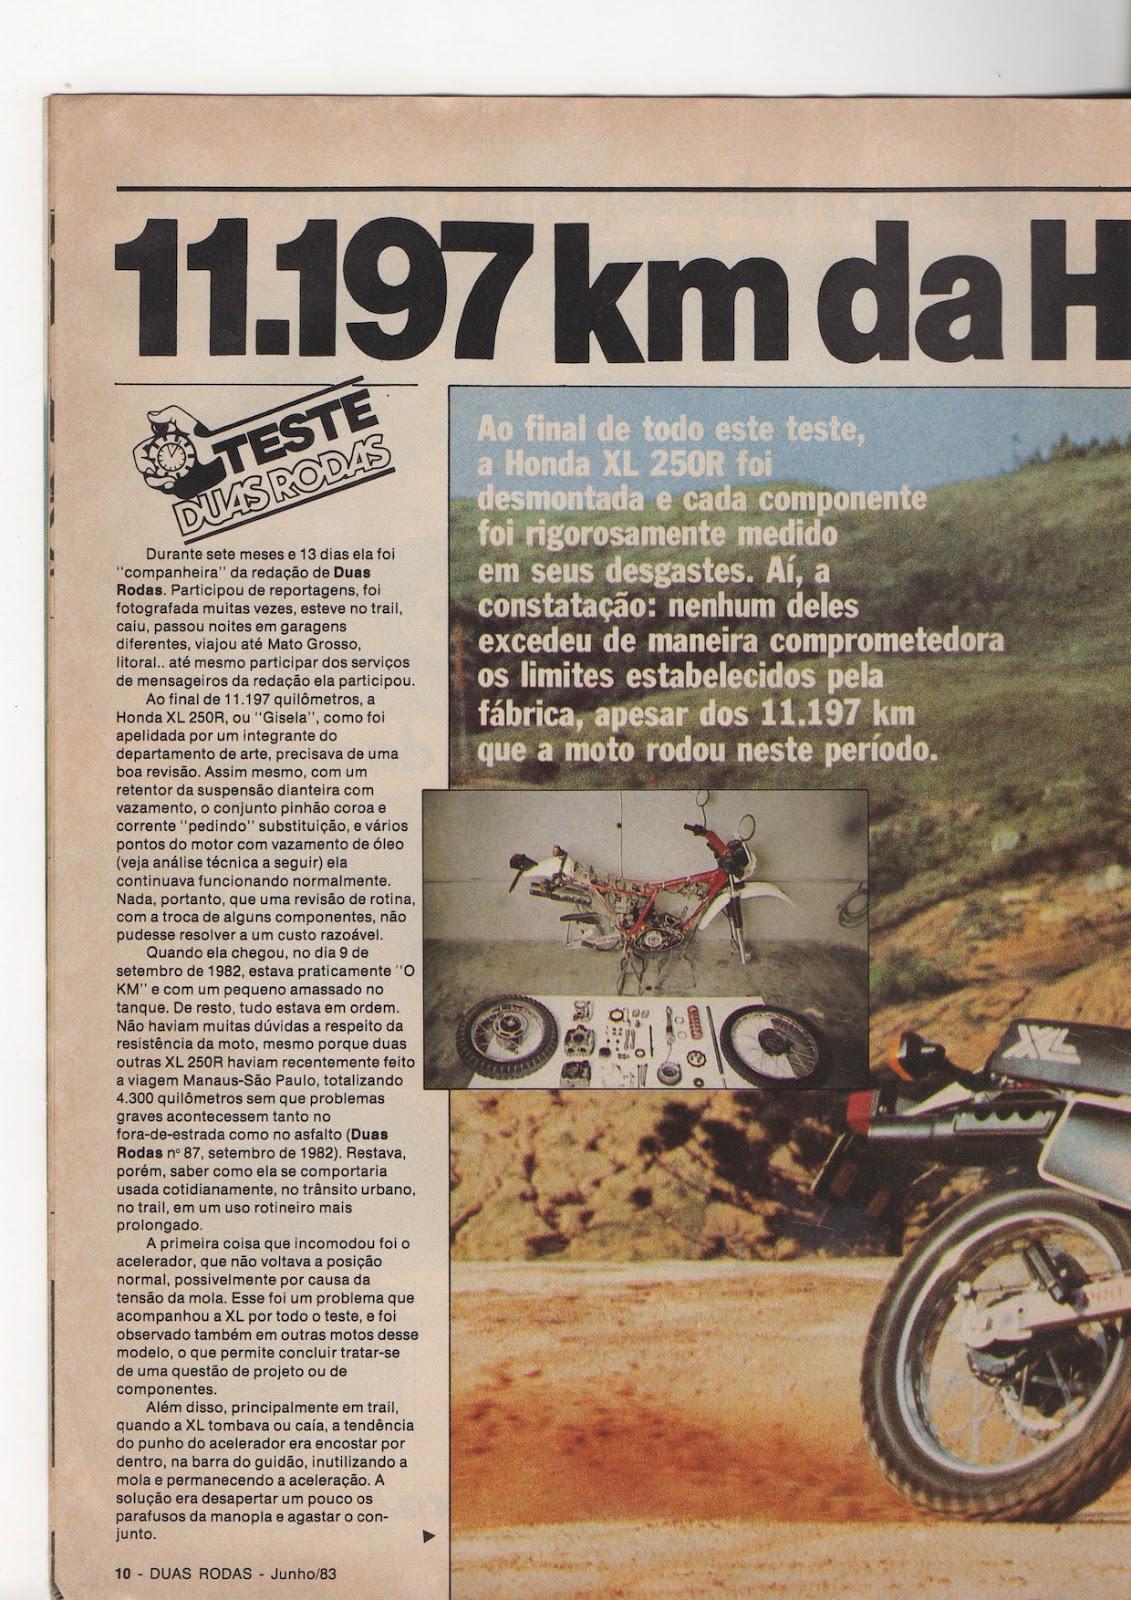 Arquivo%2BEscaneado%2B18 - ARQUIVO: 11.197km da Honda XL250R